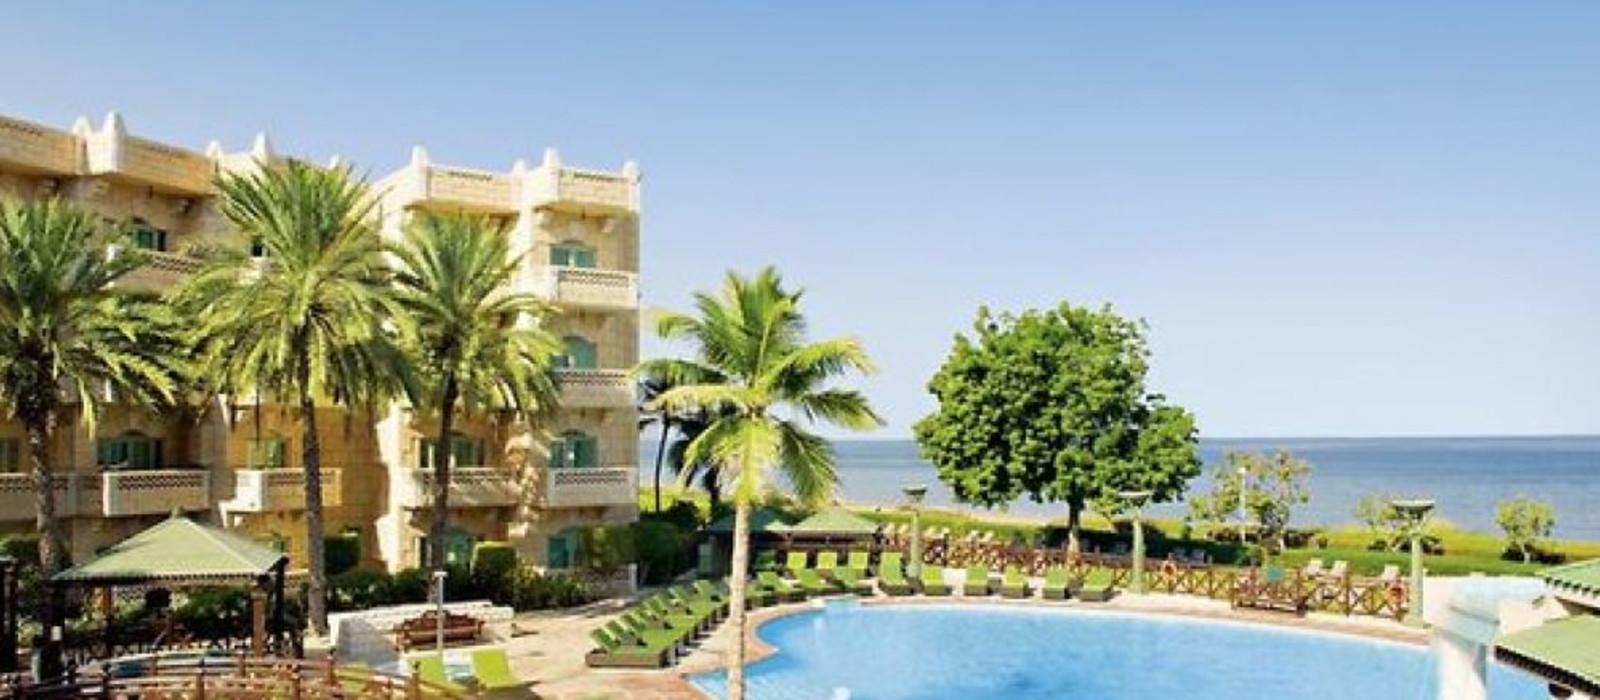 Hotel Grand Hyatt Muscat Oman